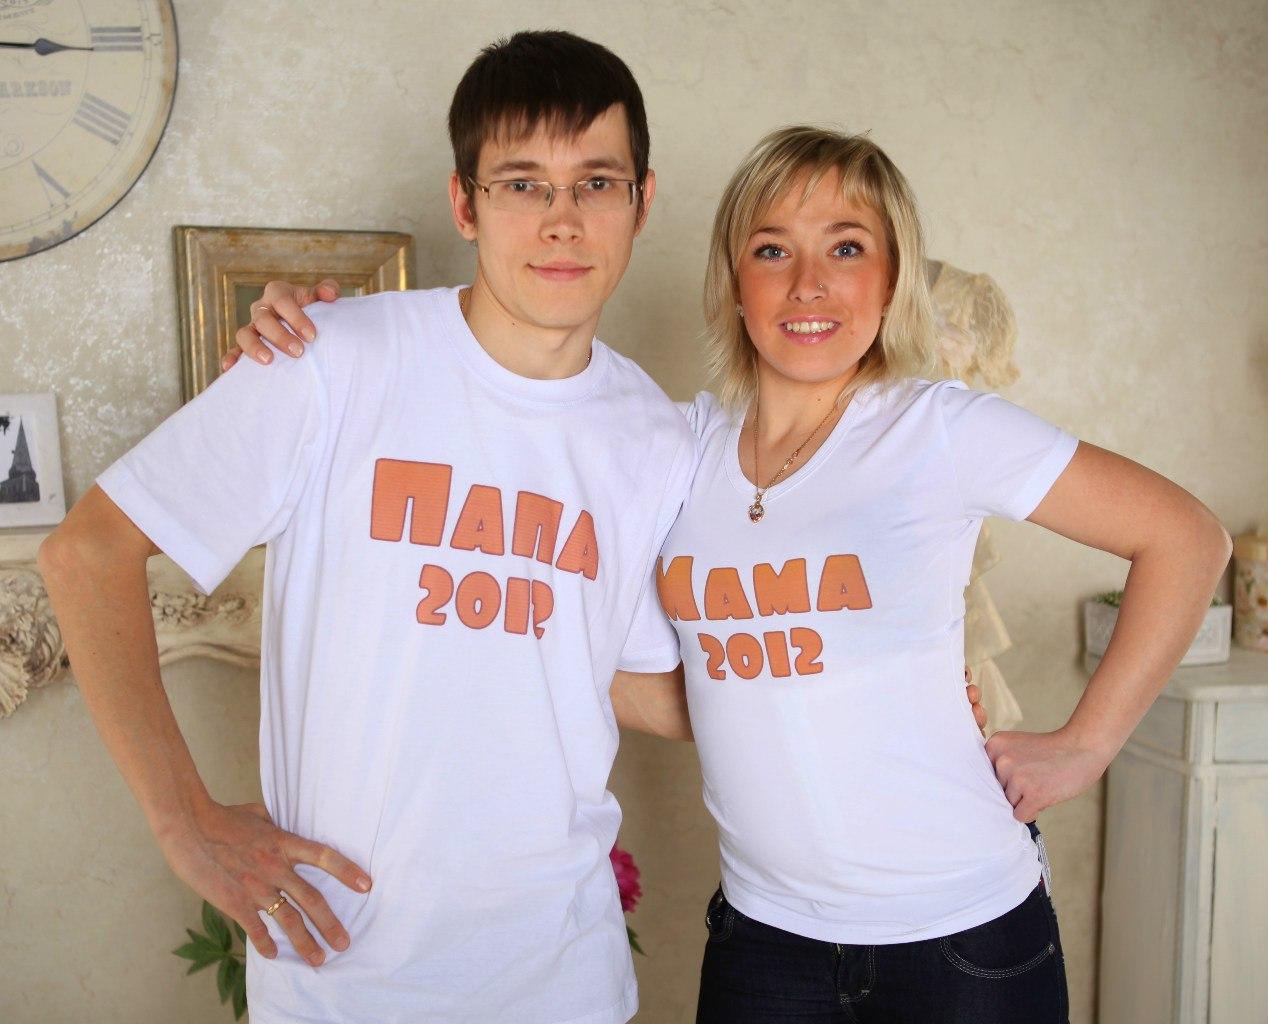 Надписи на футболках для семьи с ребенком фото